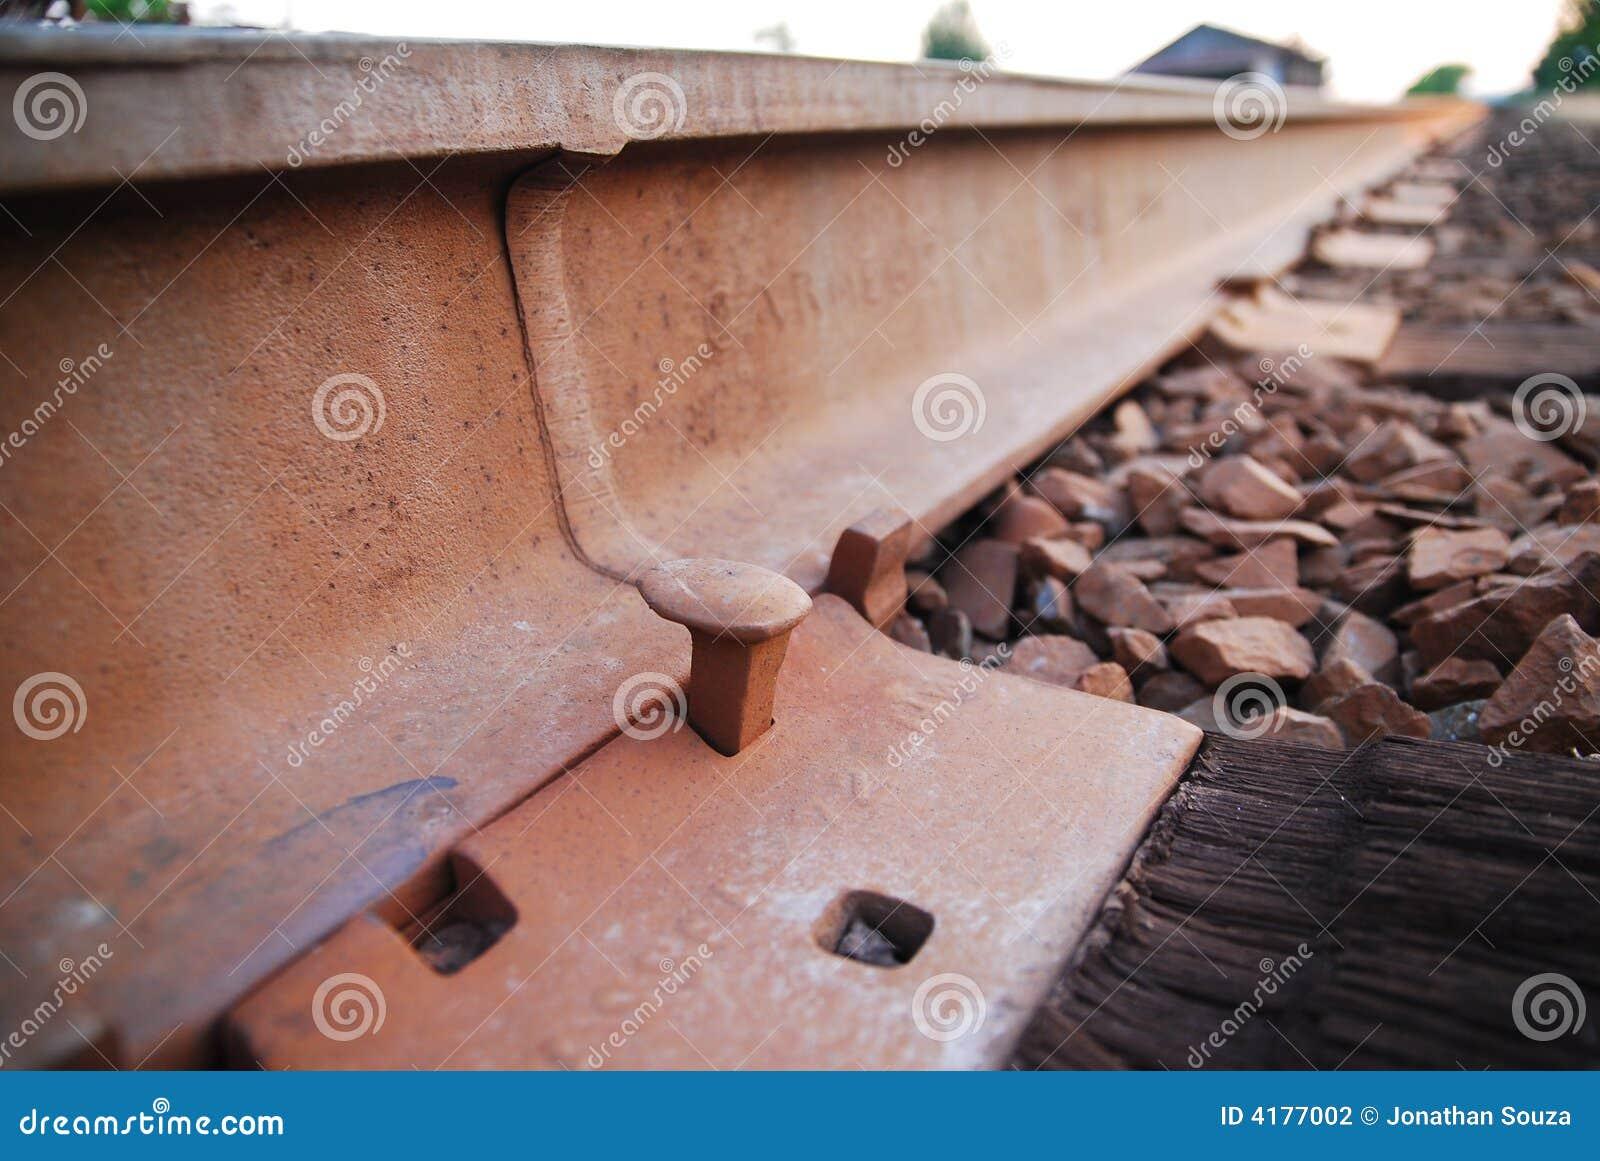 ακίδα σιδηροδρόμου